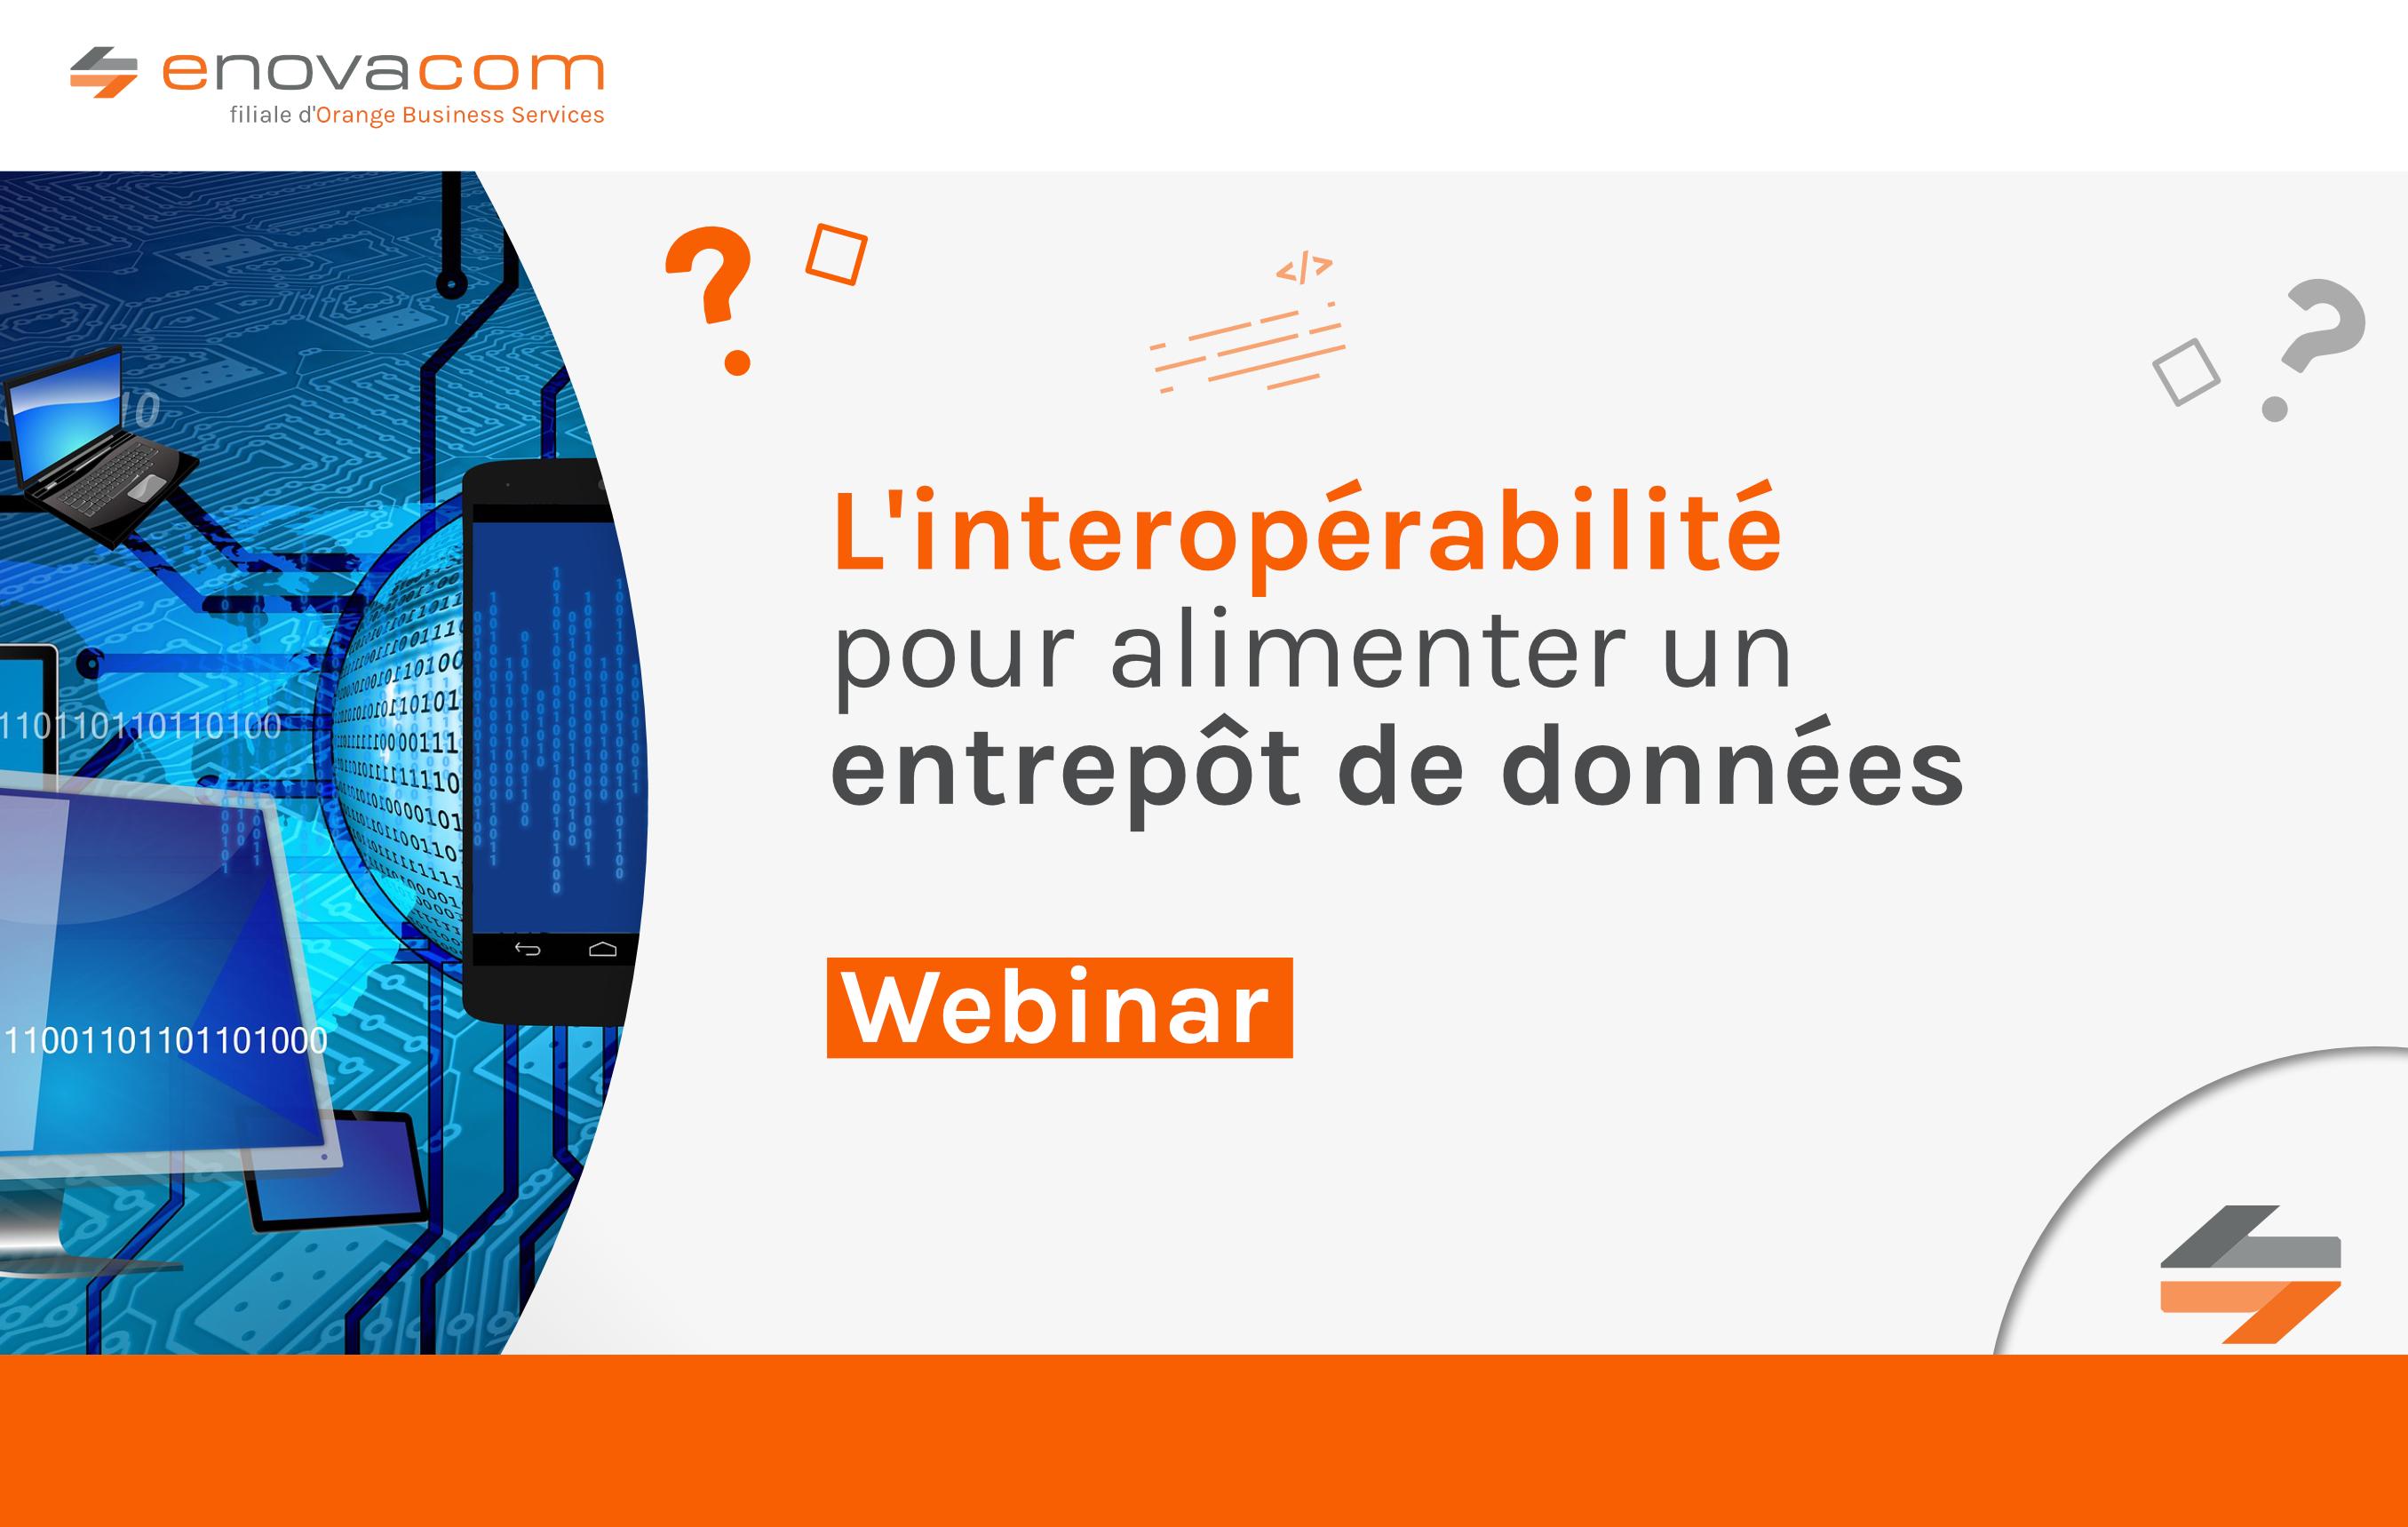 Pourquoi s'appuyer sur l'interopérabilité pour alimenter un entrepôt de données ?